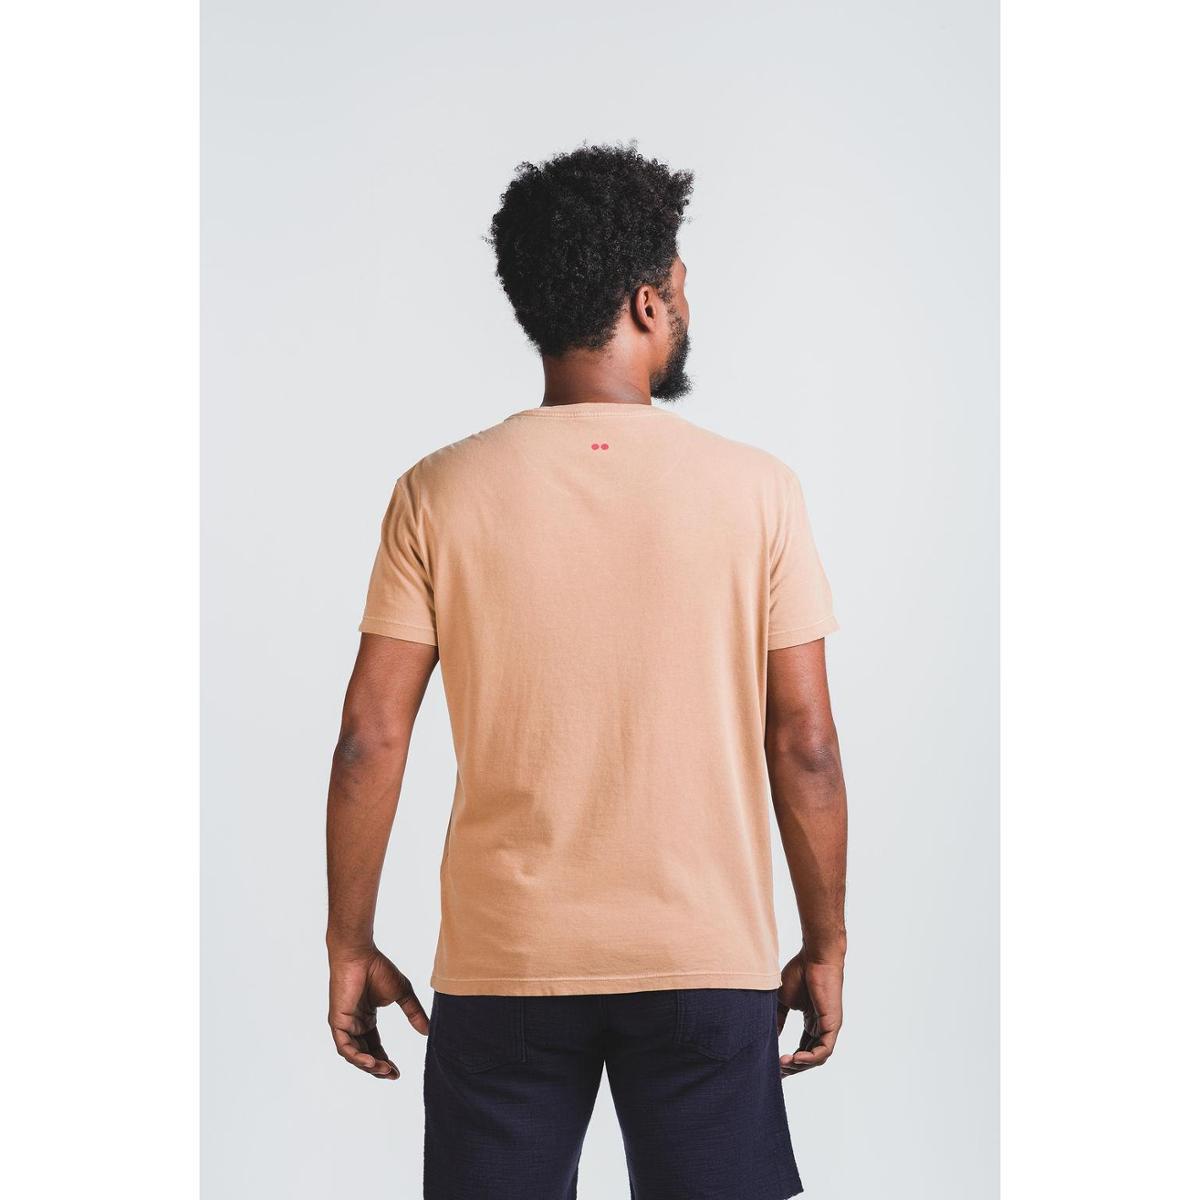 Camiseta Wöllner Pedra Camelo Masculino - Caramelo